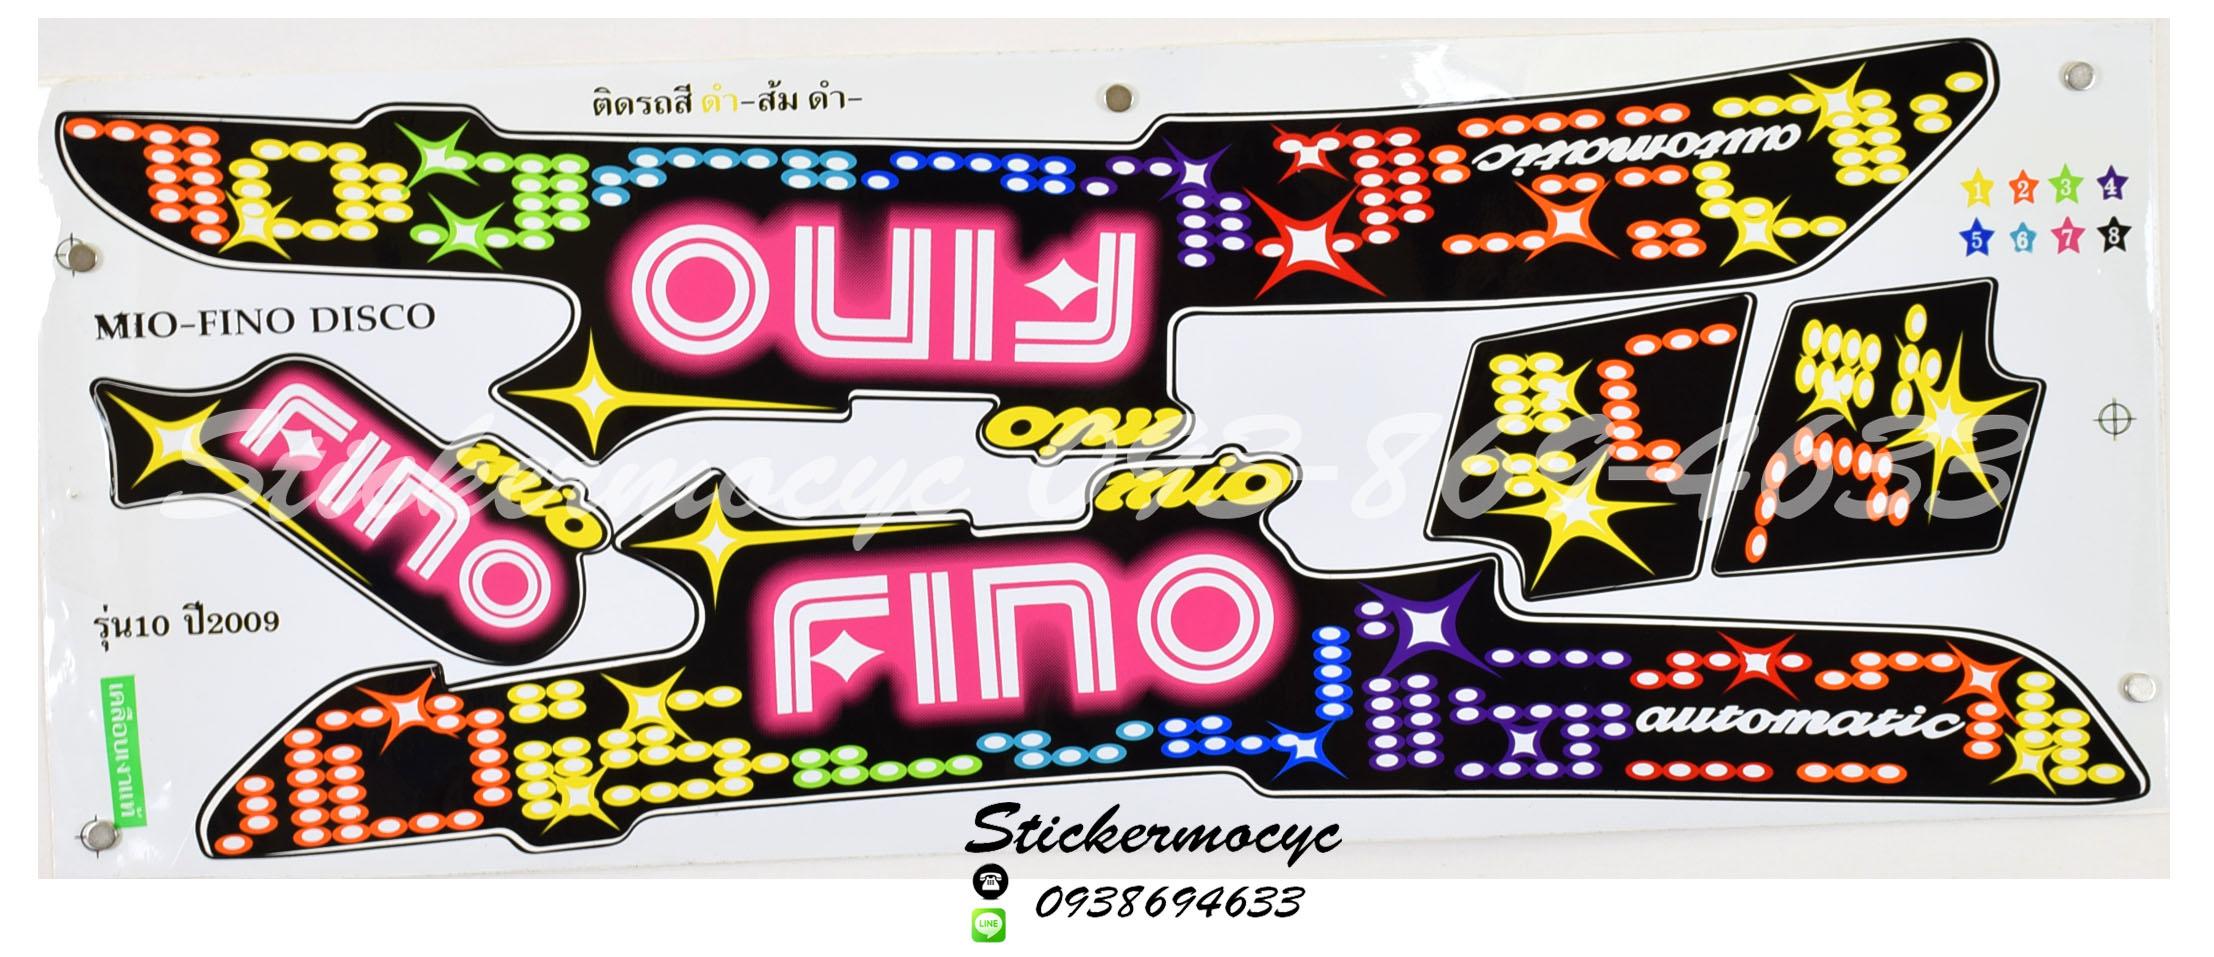 สติ๊กเกอร์ Yamaha Fino รุ่น 10 ปี 2009 Disco ติดรถสี ดำ ส้ม ดำ (เคลือบเงา)